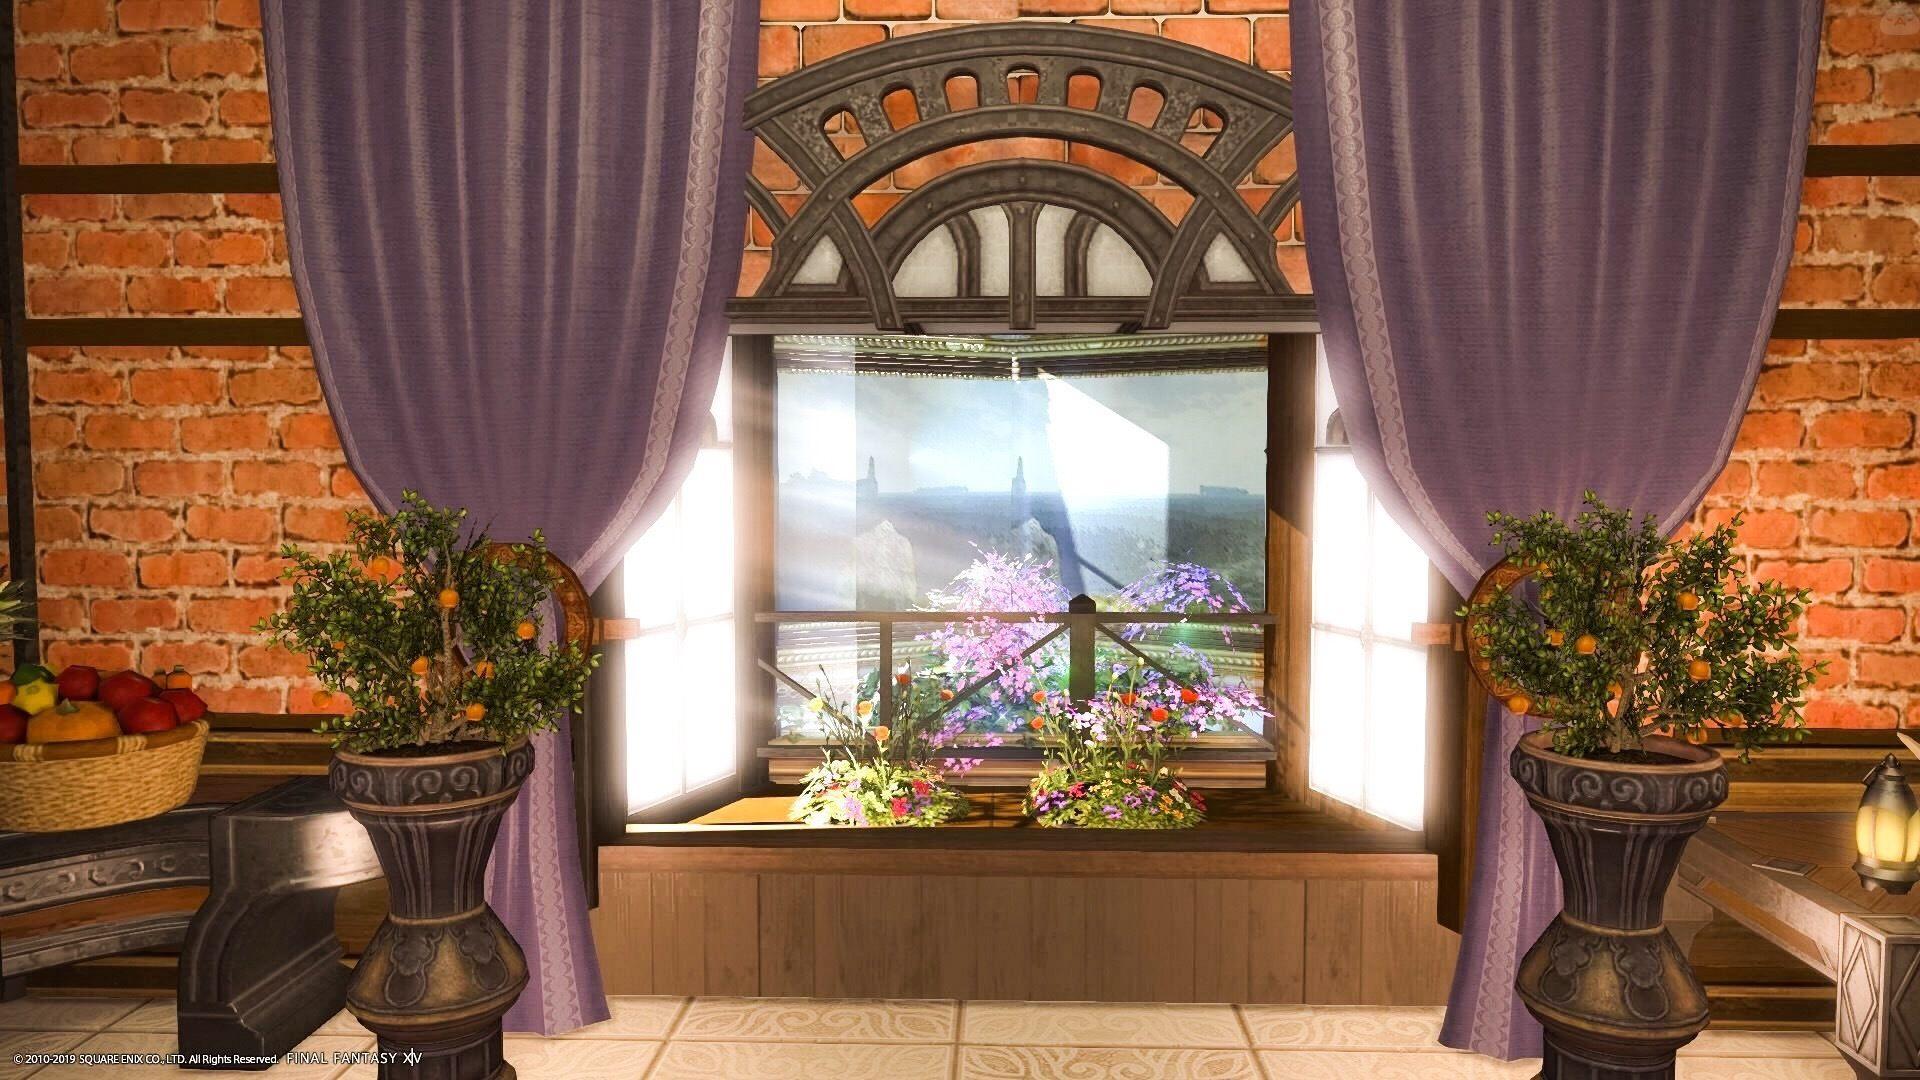 クリスタリウムのペンダント居住館をイメージしたハウジングです S